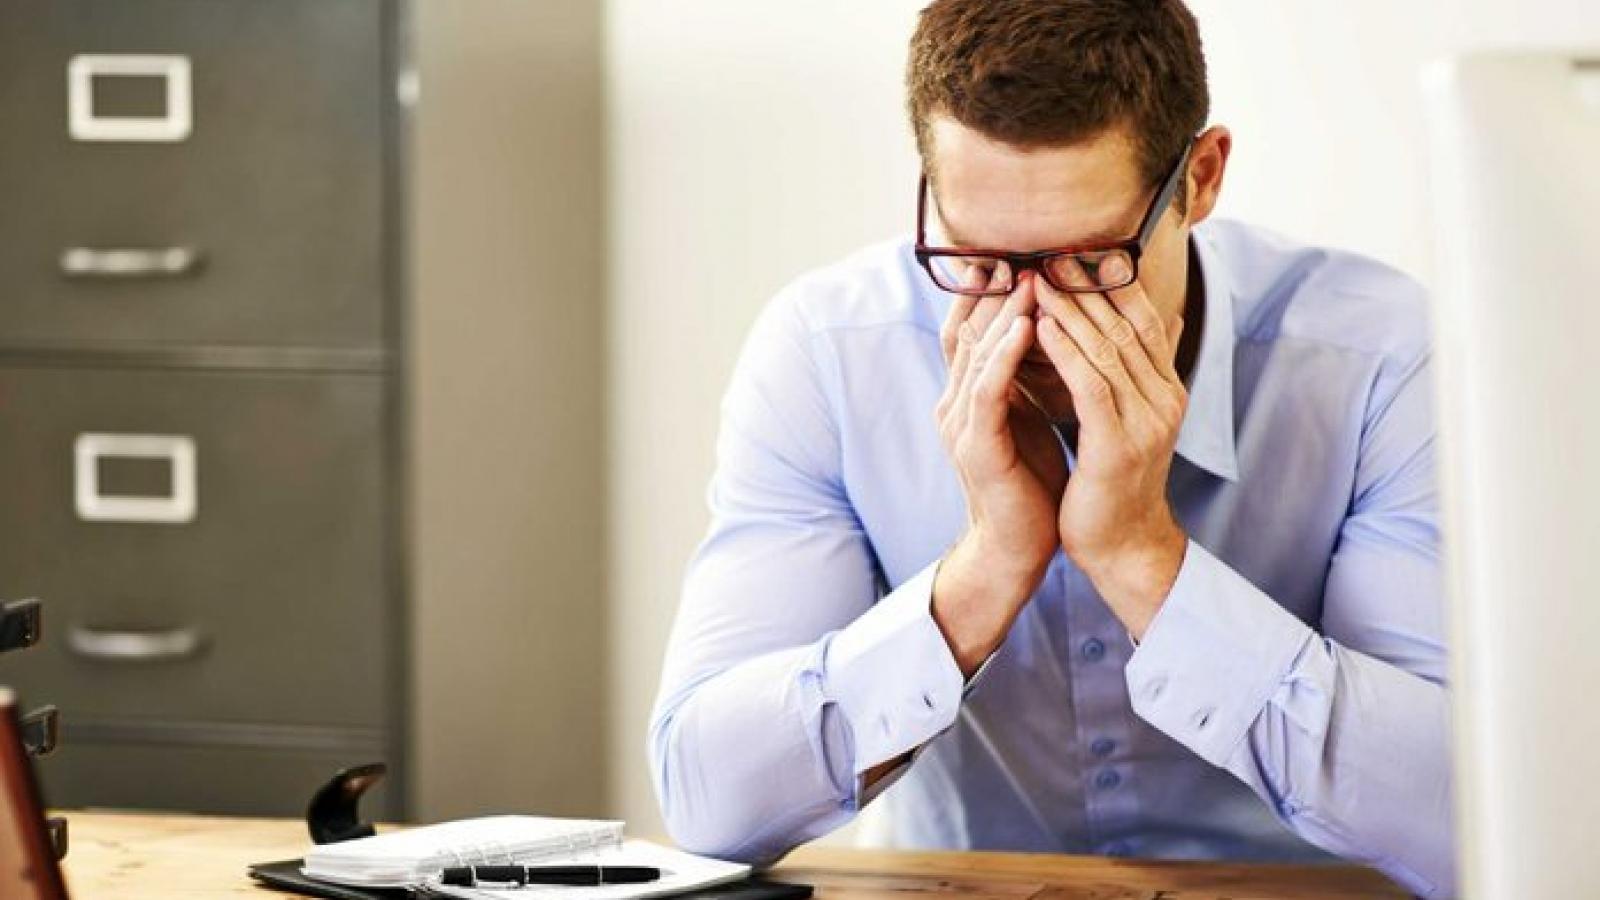 11 thói quen xấu khiến da bạn xuất hiện nếp nhăn